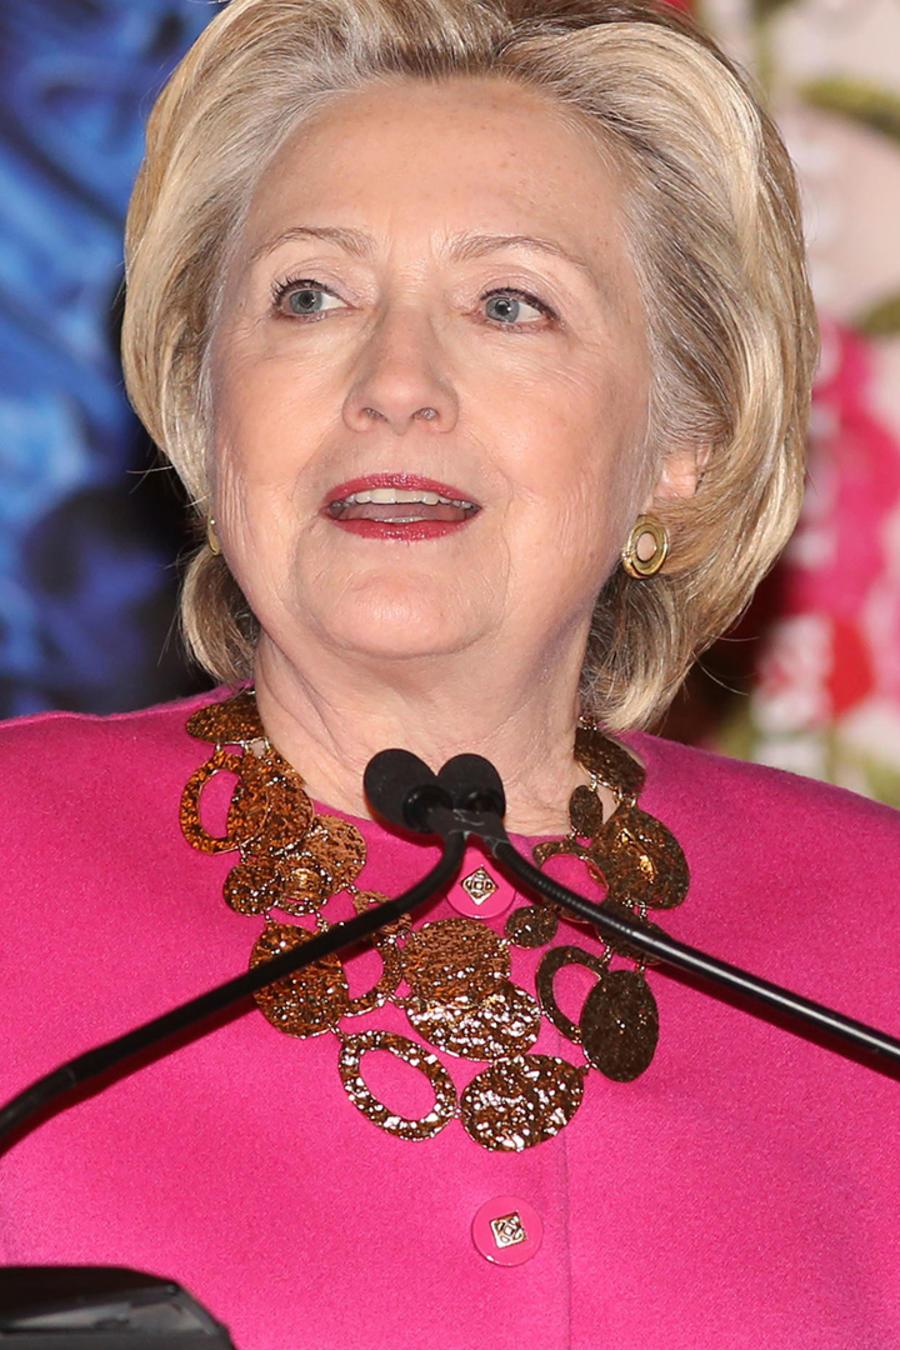 Hillary Clinton en una ceremonia de Oscar de la Renta en New York el 16 de febrero del 2017